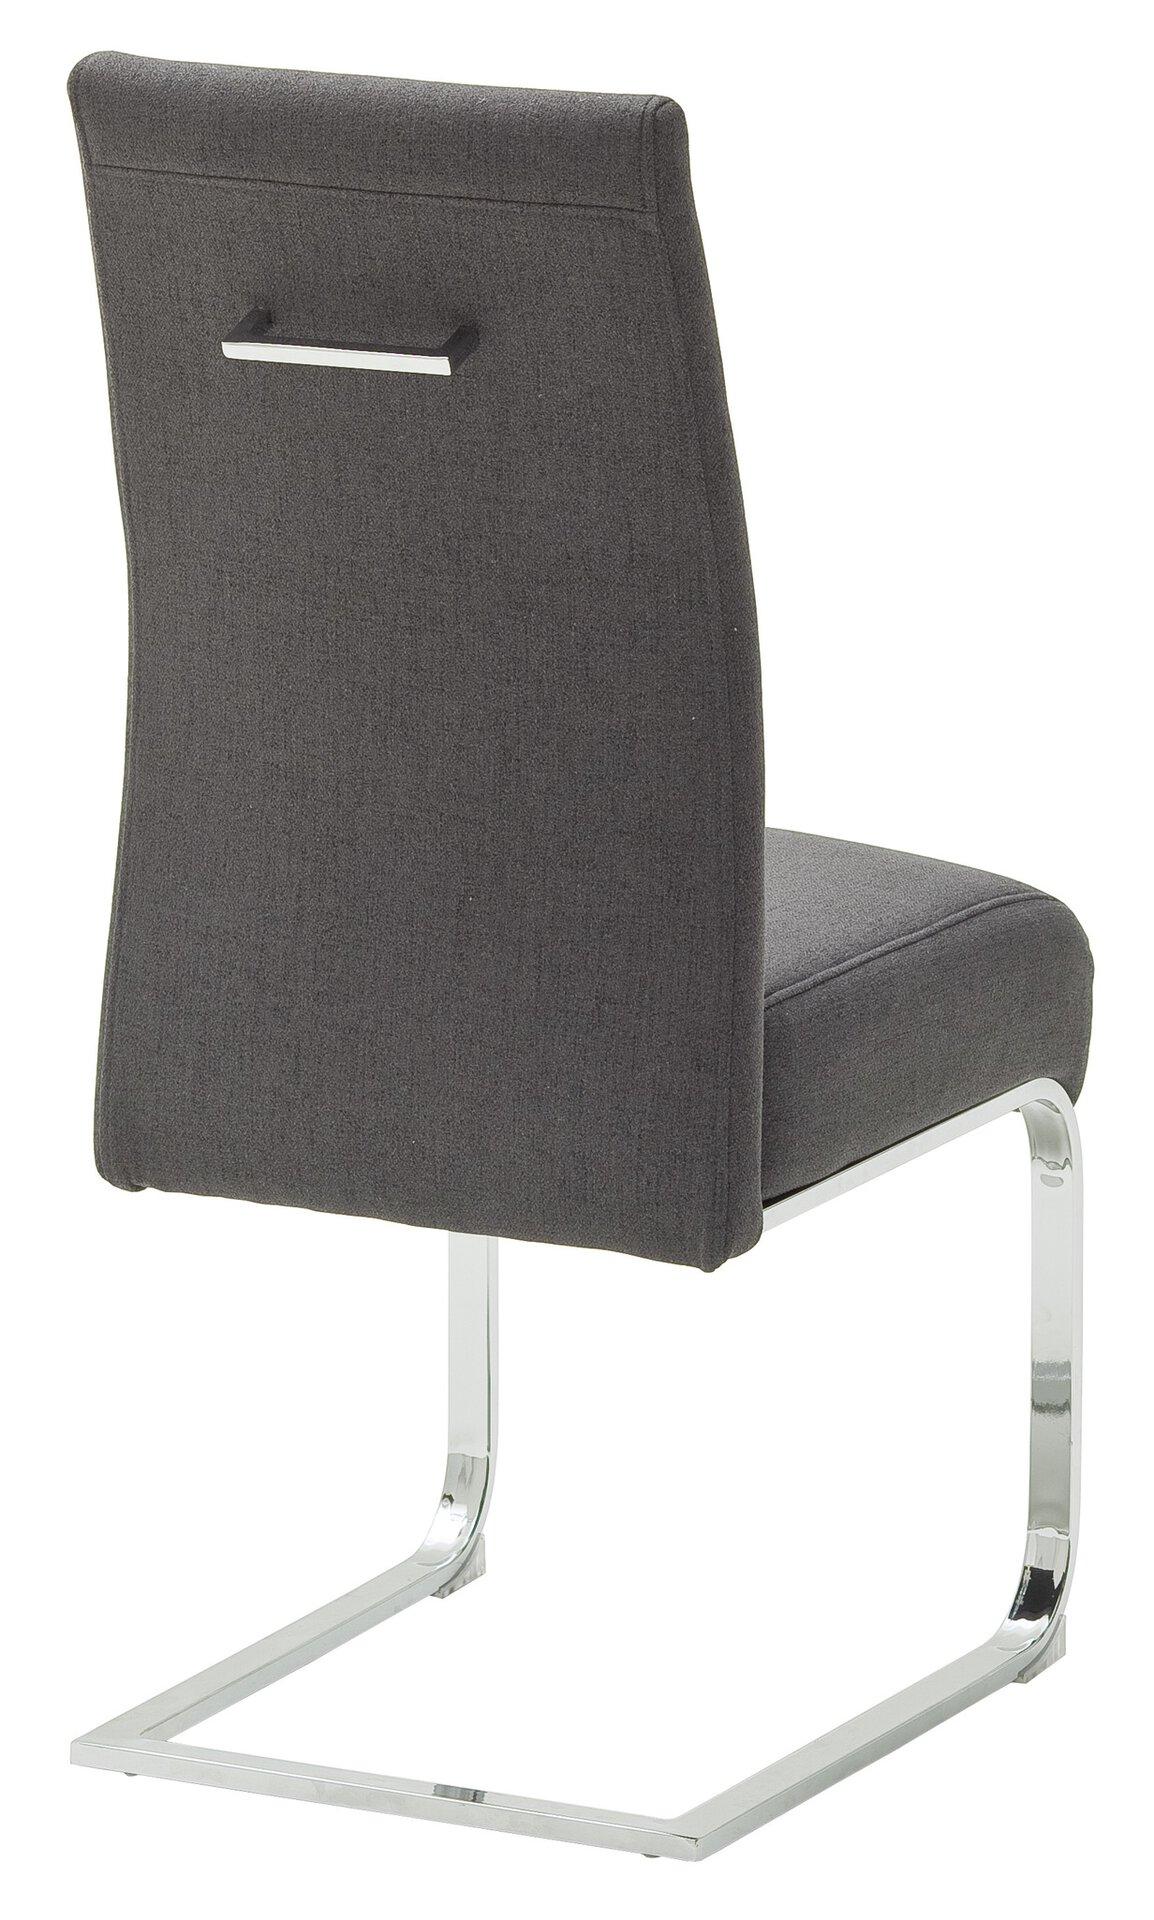 Stuhl FOSHAN MCA furniture Textil grau 63 x 103 x 46 cm